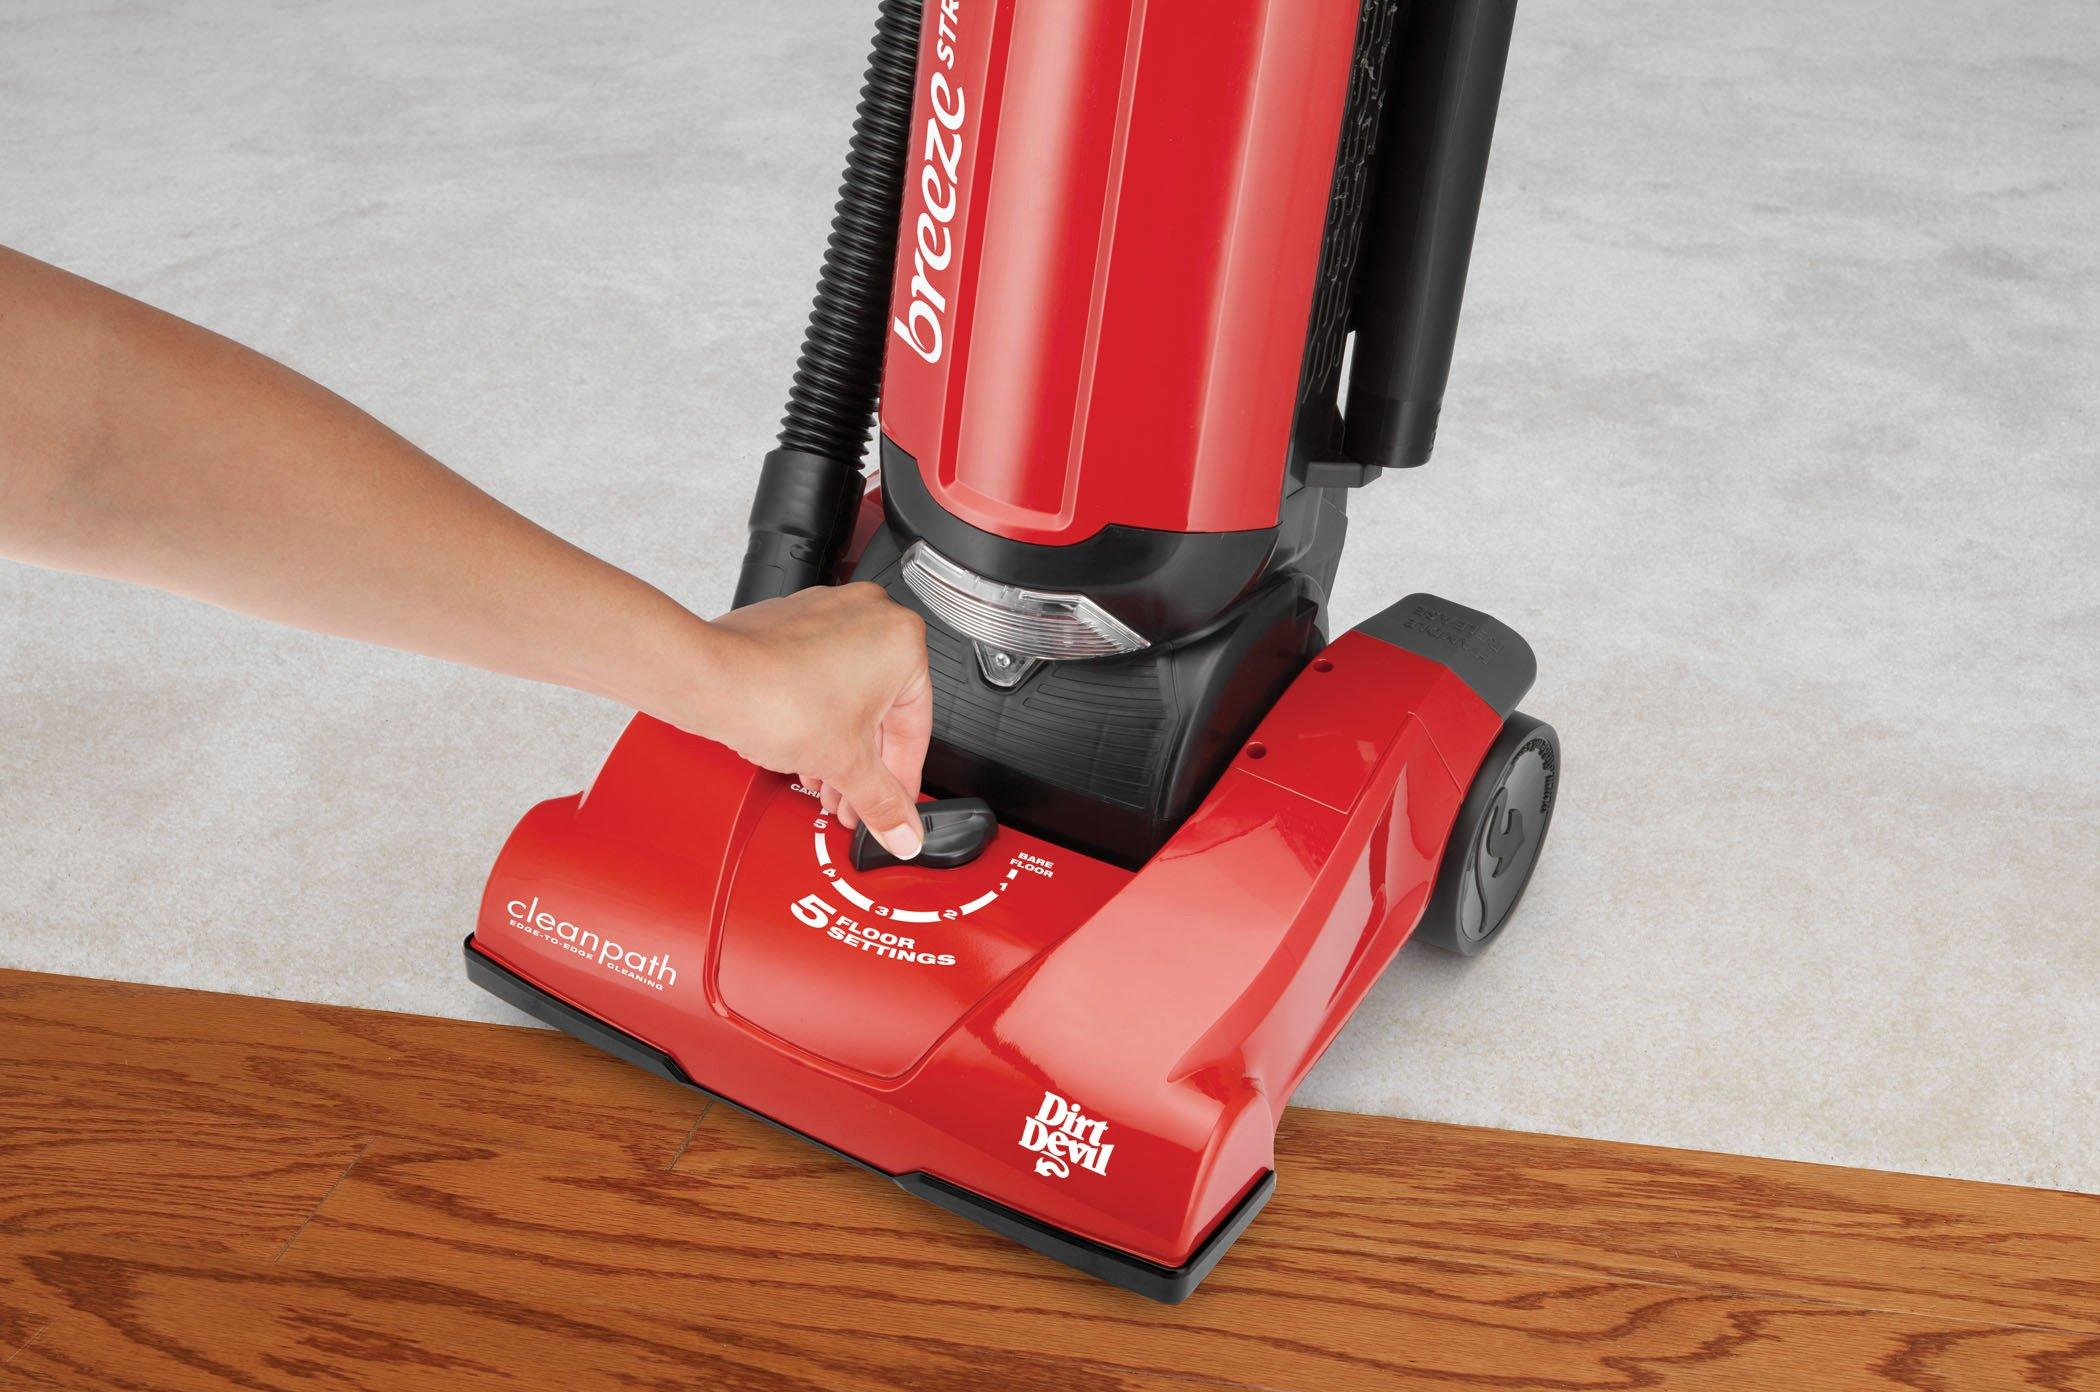 Breeze Stretch Bagged Upright Vacuum4